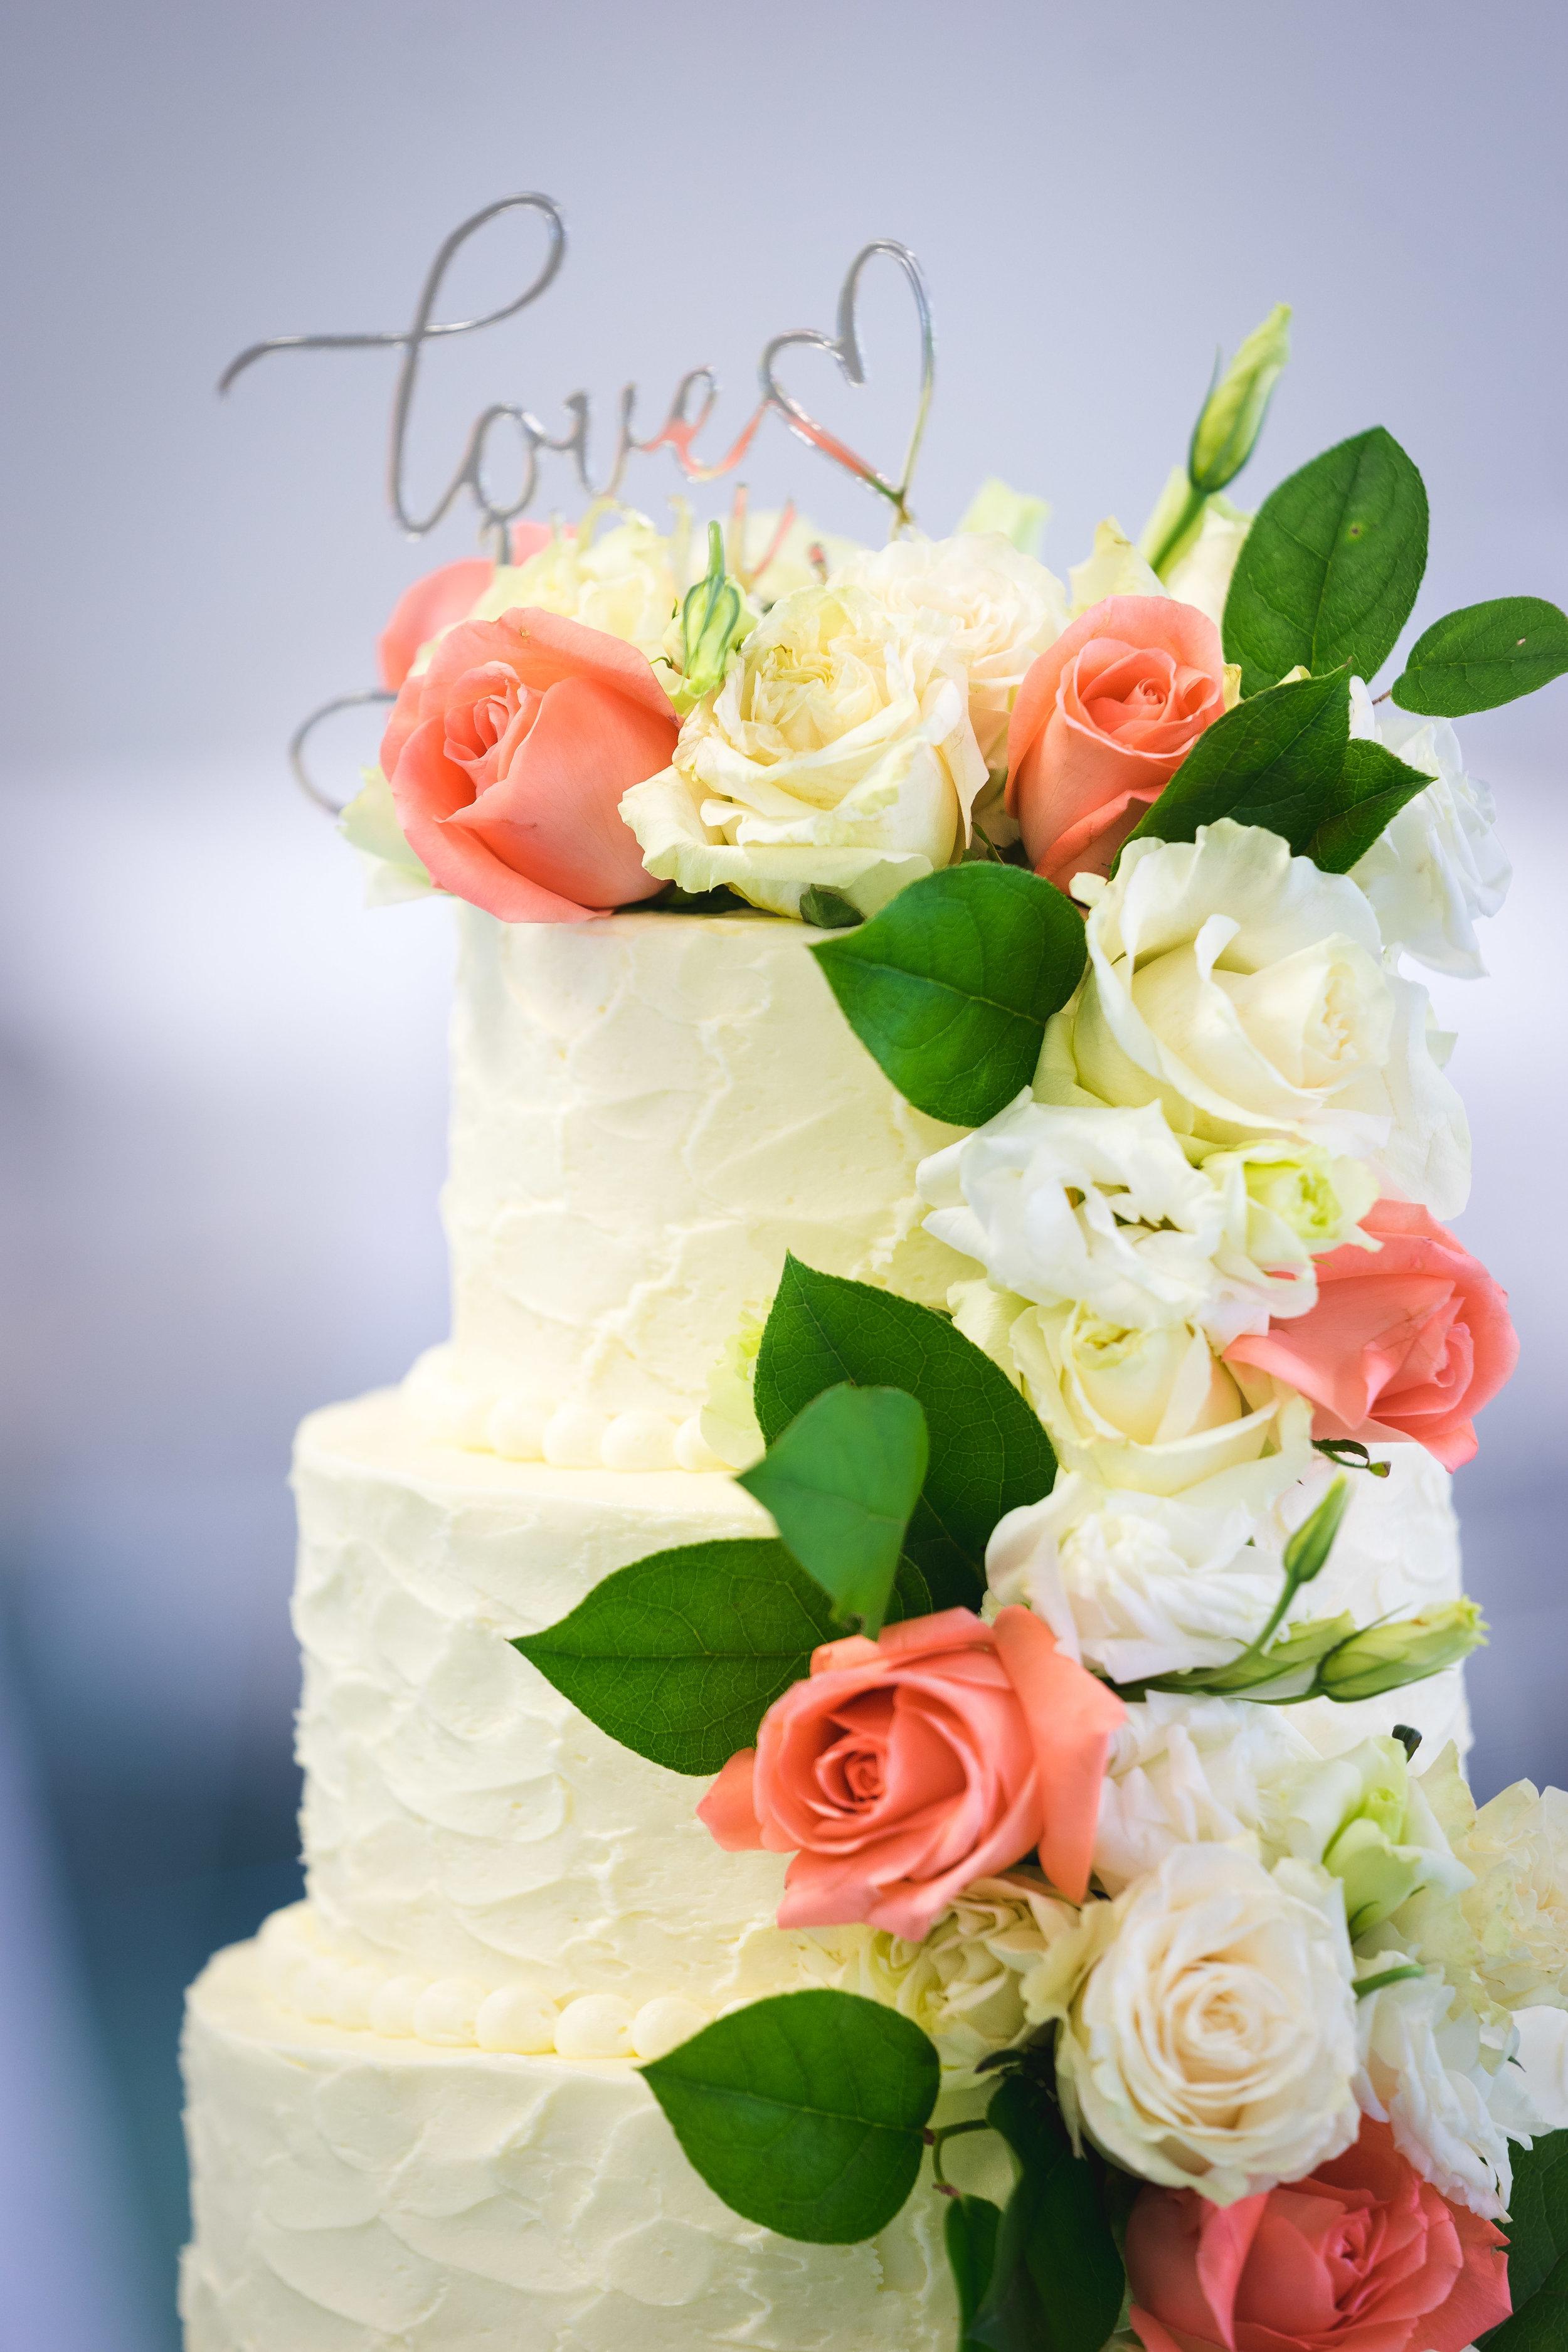 Greenville Wedding | Morningside Baptist Church Spartanburg SC Cake